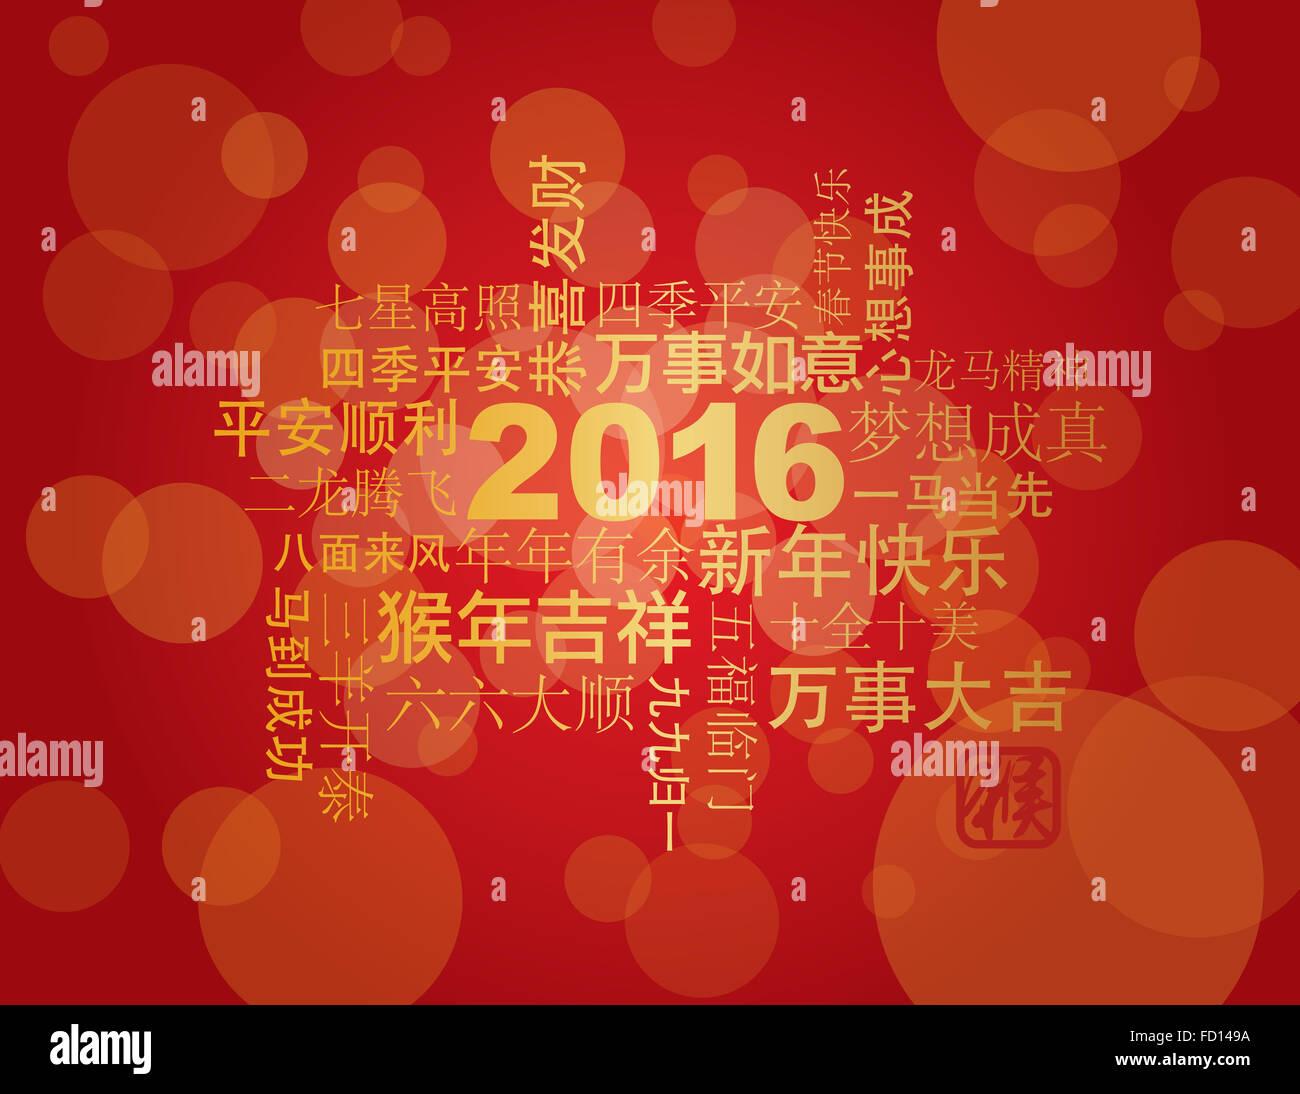 2016 Chinese Lunar New Year Grüße Text wünschen Gesundheit Glück ...